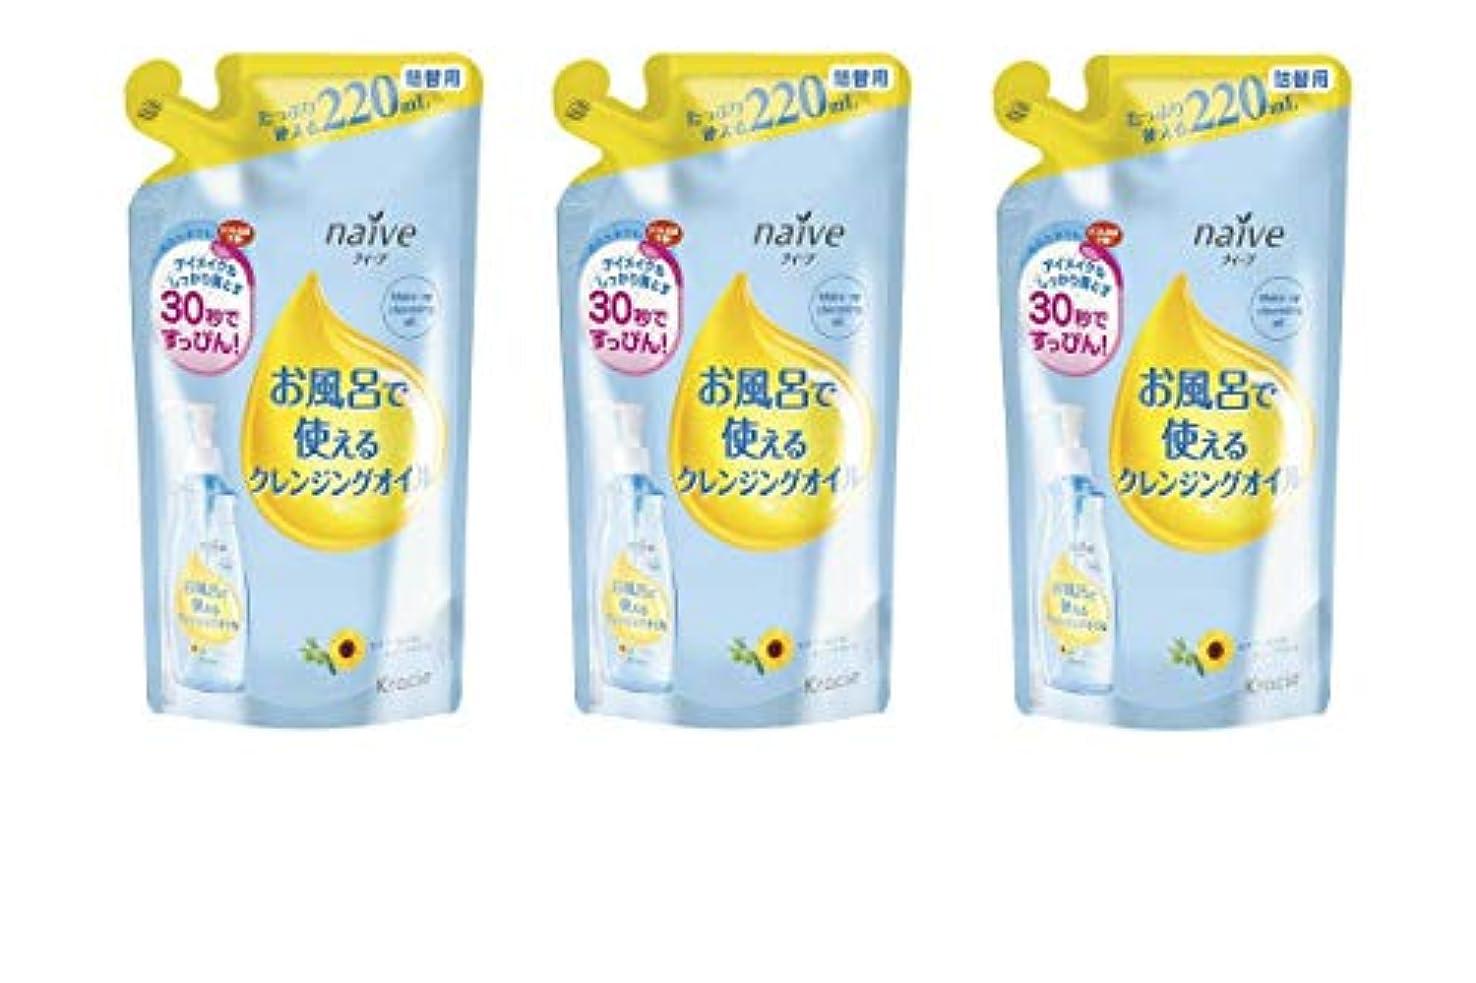 インチサロンリブ【3個まとめ買い】ナイーブ お風呂で使えるクレンジングオイル 詰替用 220mL